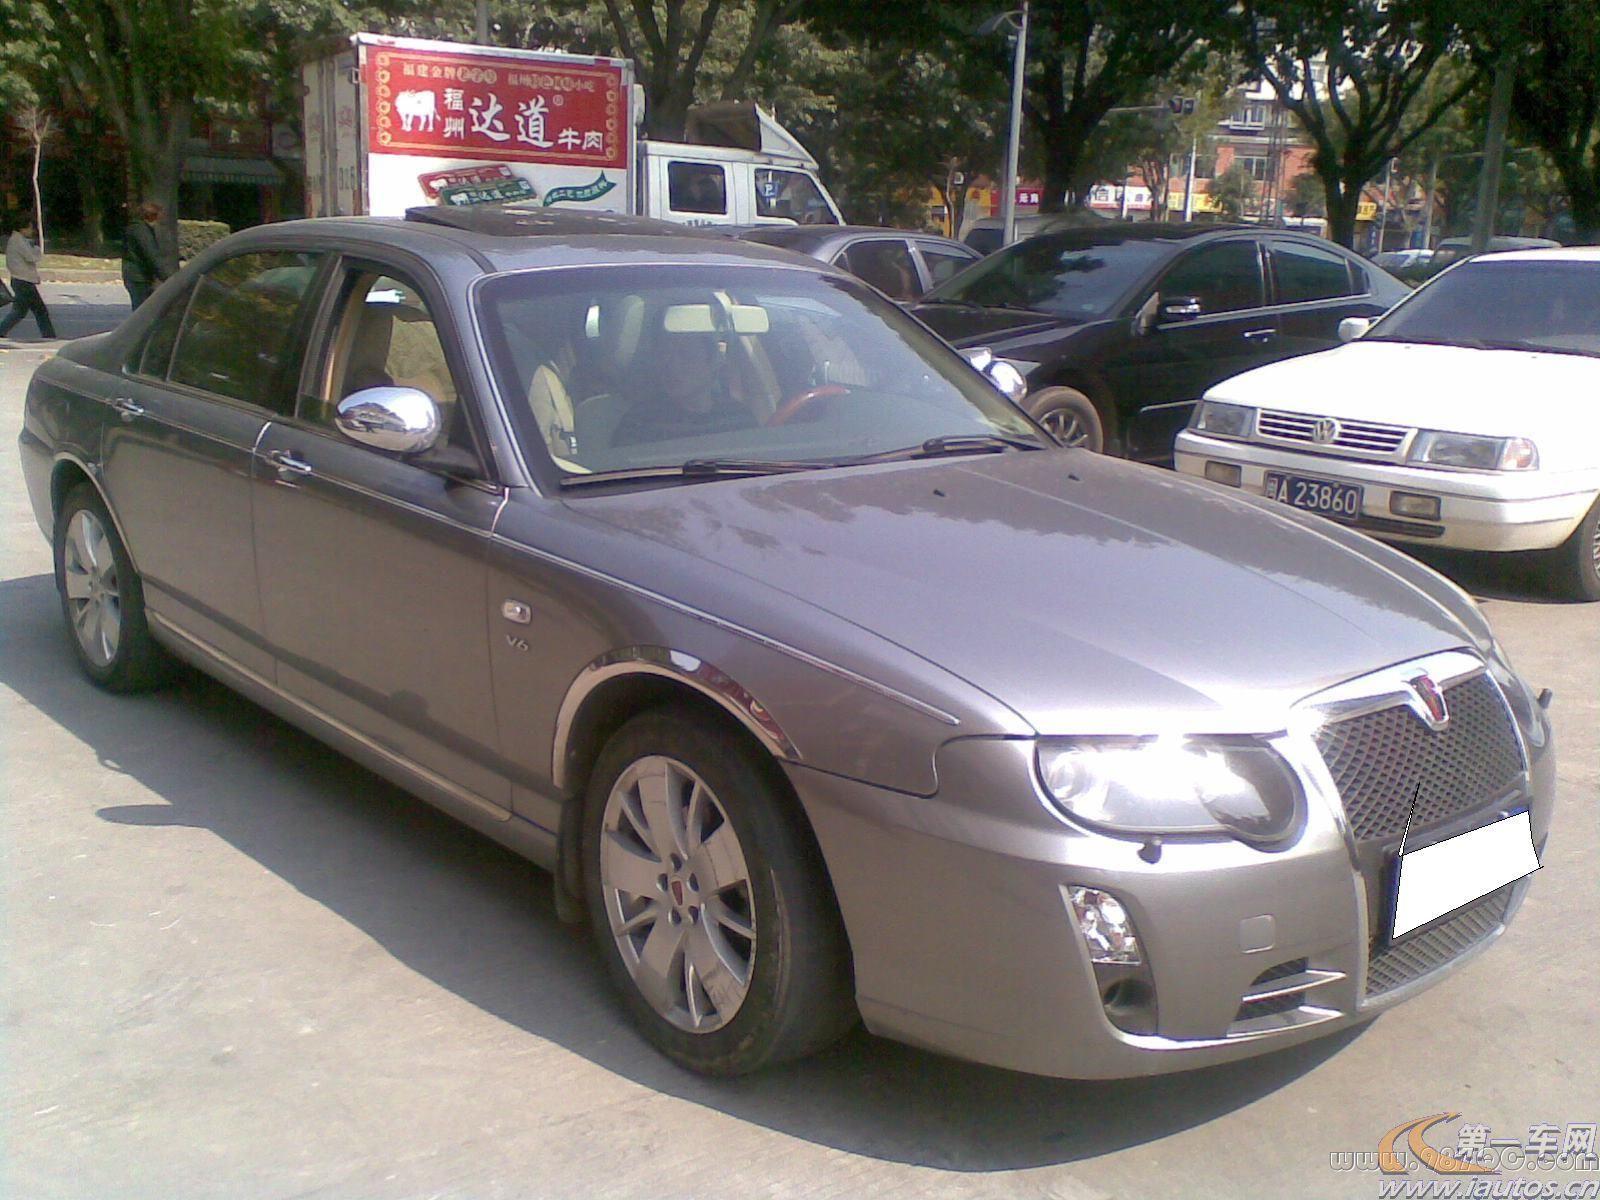 重庆全国2008年荣威750e-2.5-at贵雅版(国Ⅱ)2011-05-09更新福州风骏6图片